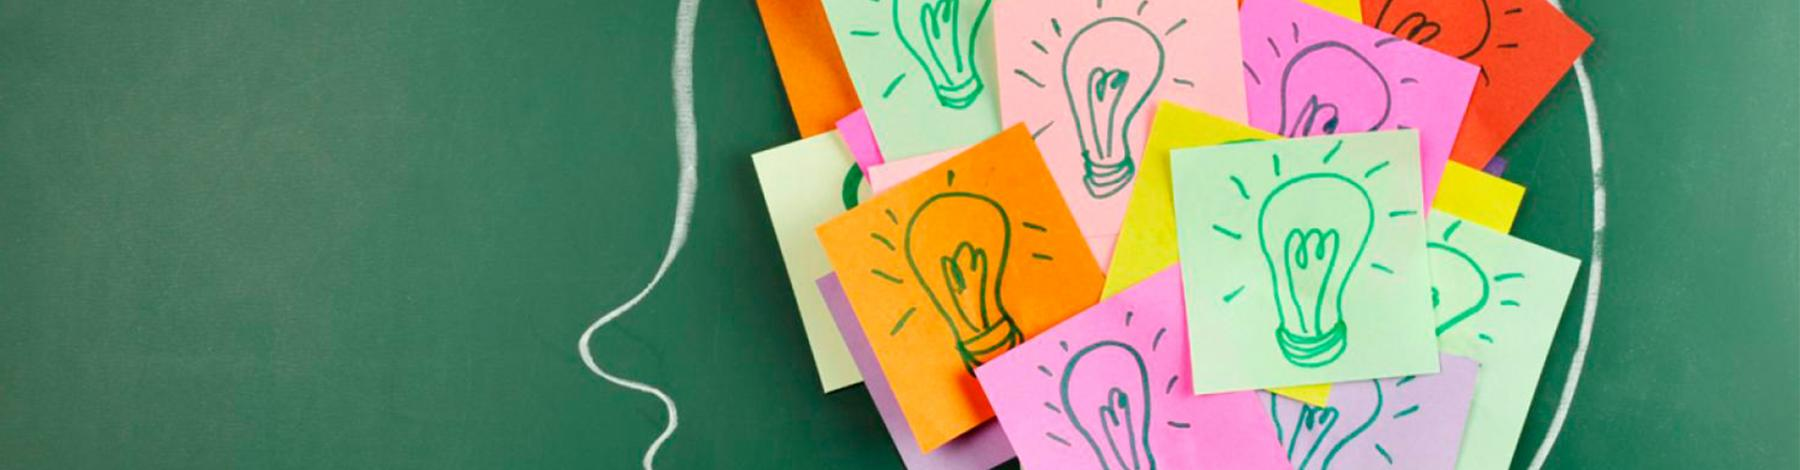 Margret Rasfeld: Zum Neudenken von Schule inspirieren